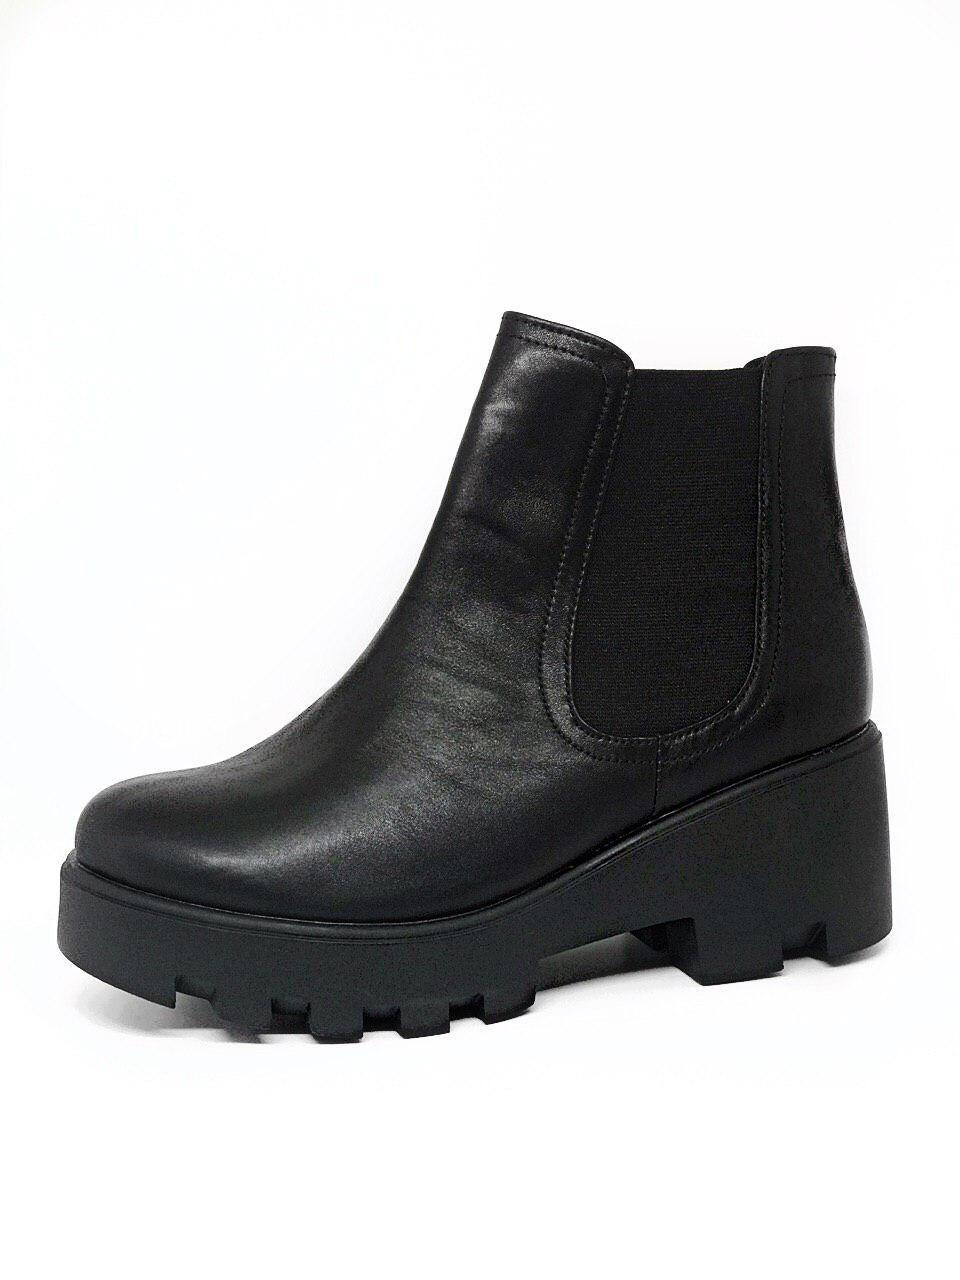 Женские демисезонные ботинки 40 размер осень весна из натуральной кожи